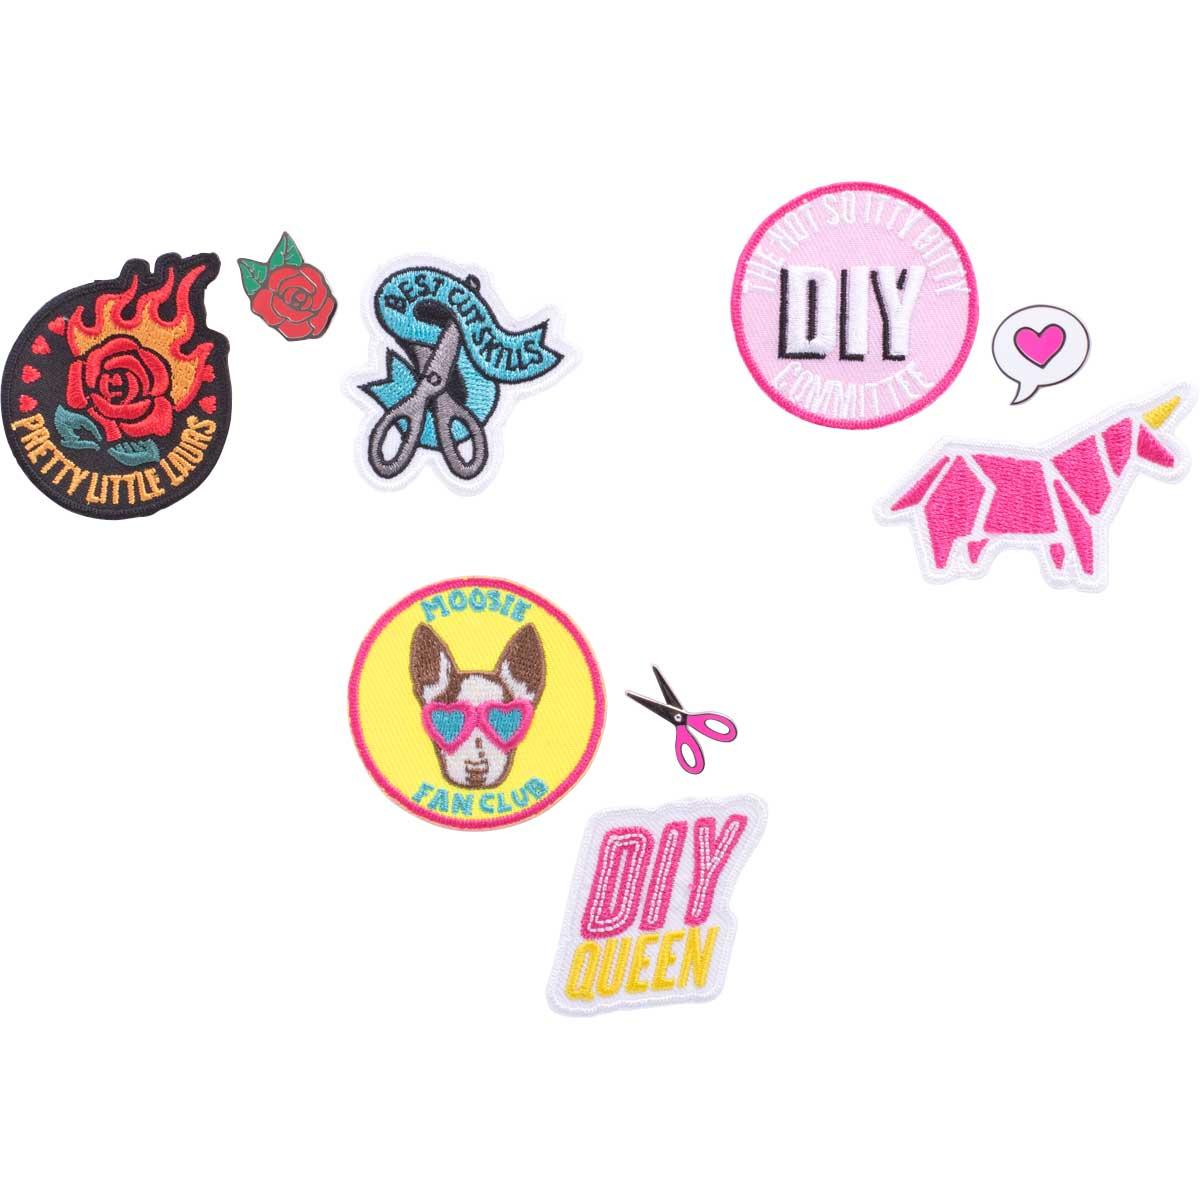 LaurDIY ® Pins & Patches Set